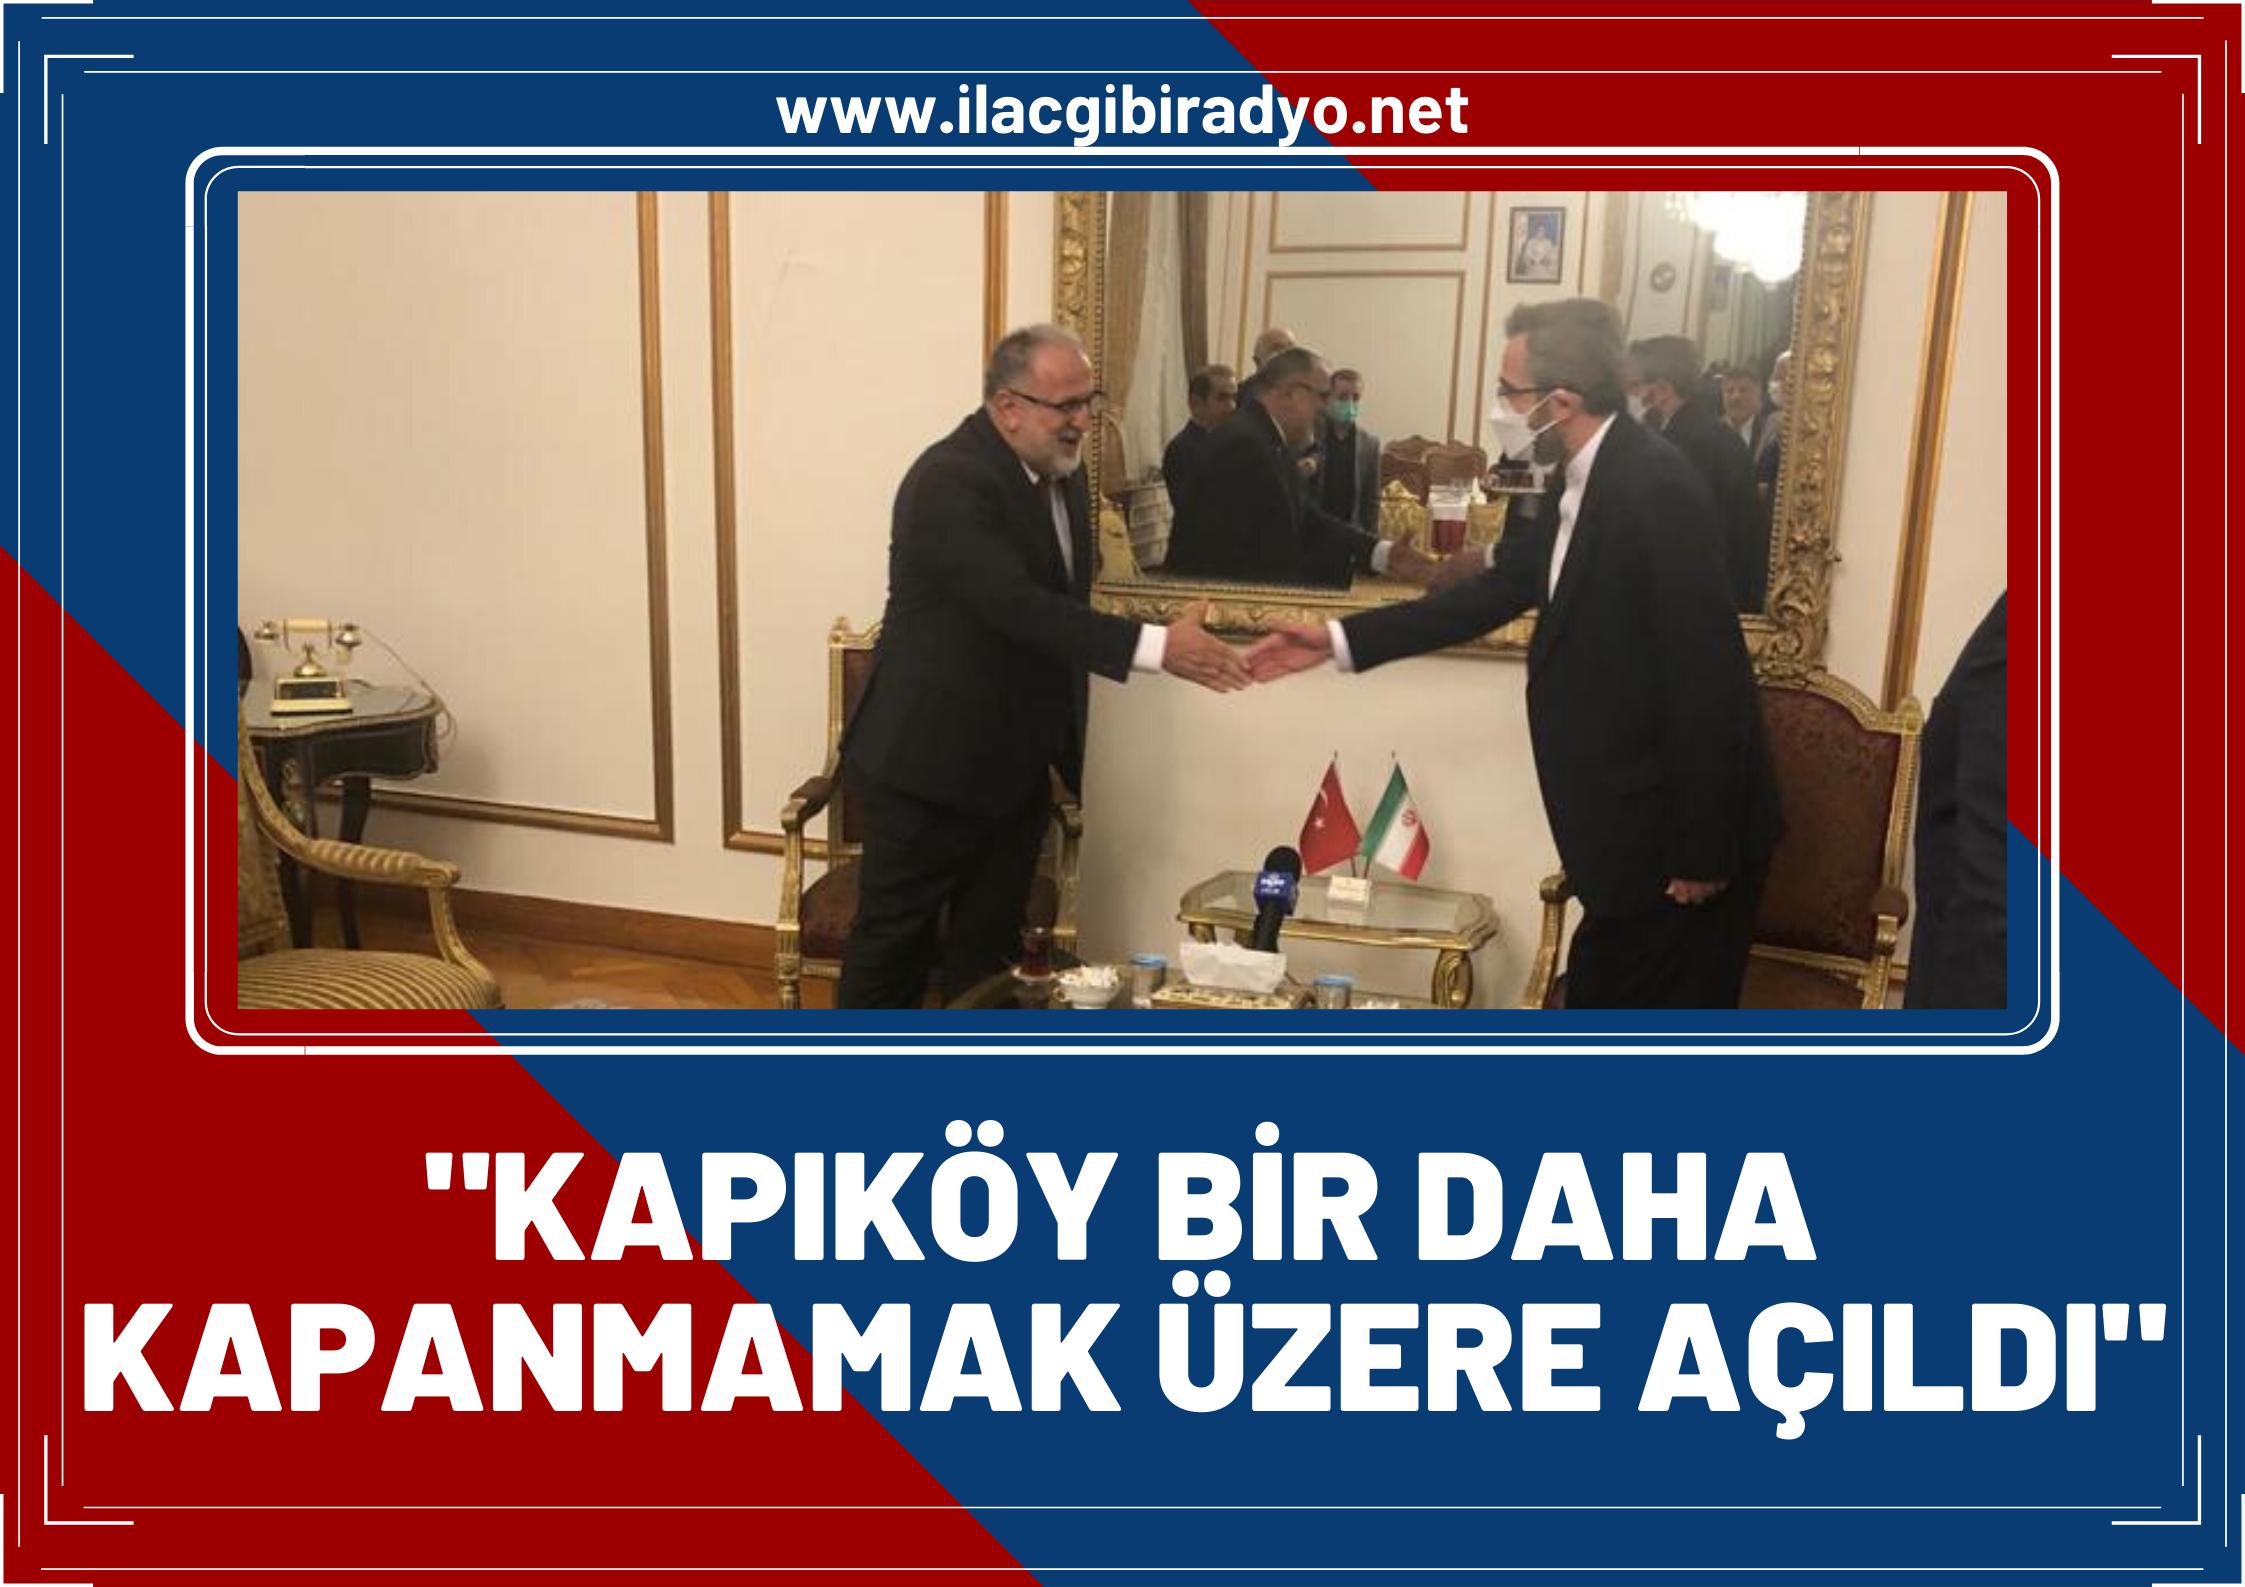 """Türkiye-İran Parlamentolar Arası Dostluk Grubu Başkanı Osman Nuri Gülaçar: """"Kapıköy bir daha kapanmamak üzere açıldı!"""""""